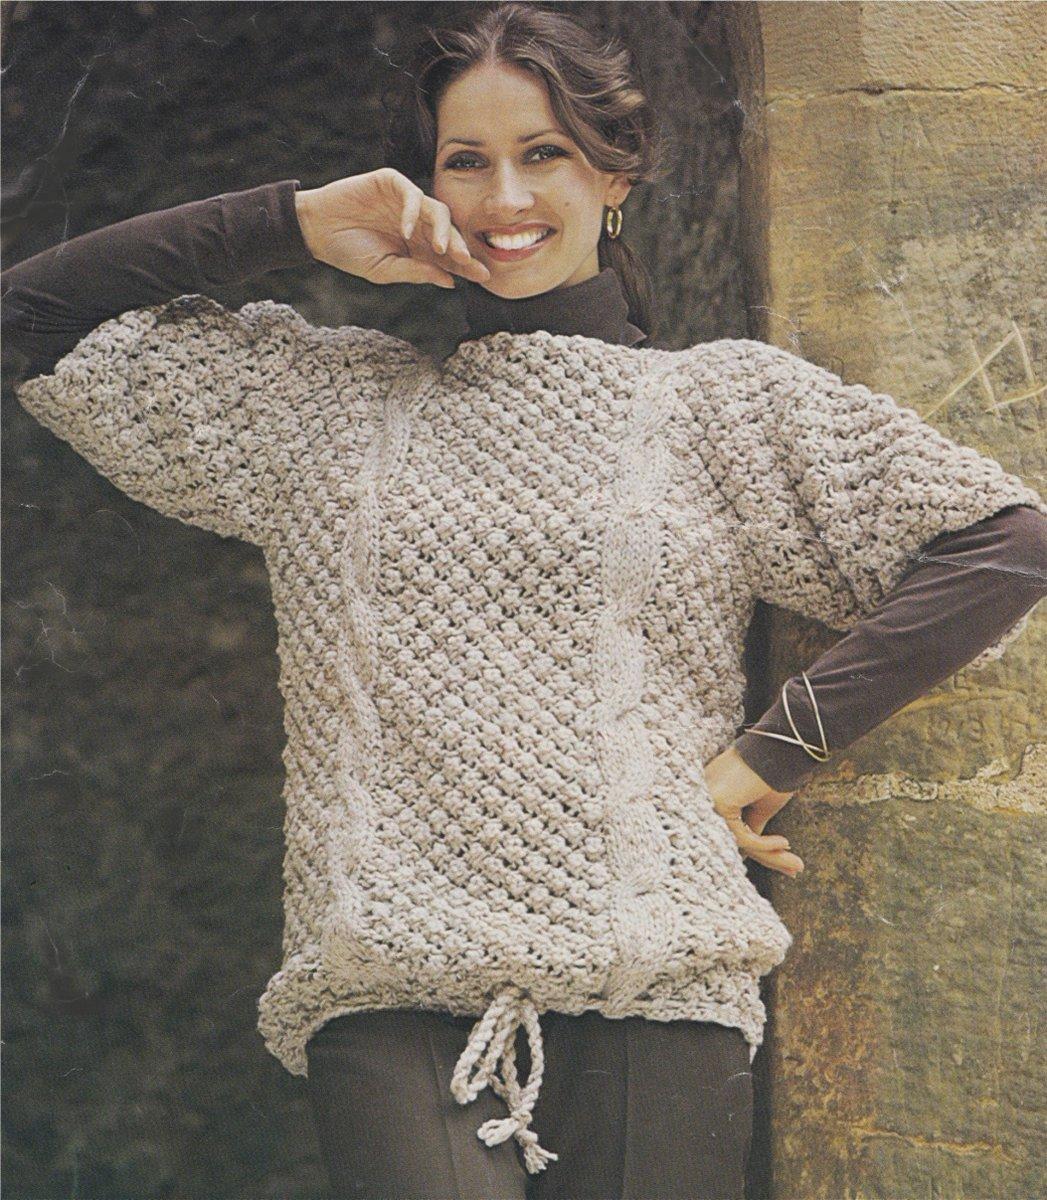 79f32699567b Womens Cable and Bramble Stitch Sweater Knitting Pattern PDF Ladies 32